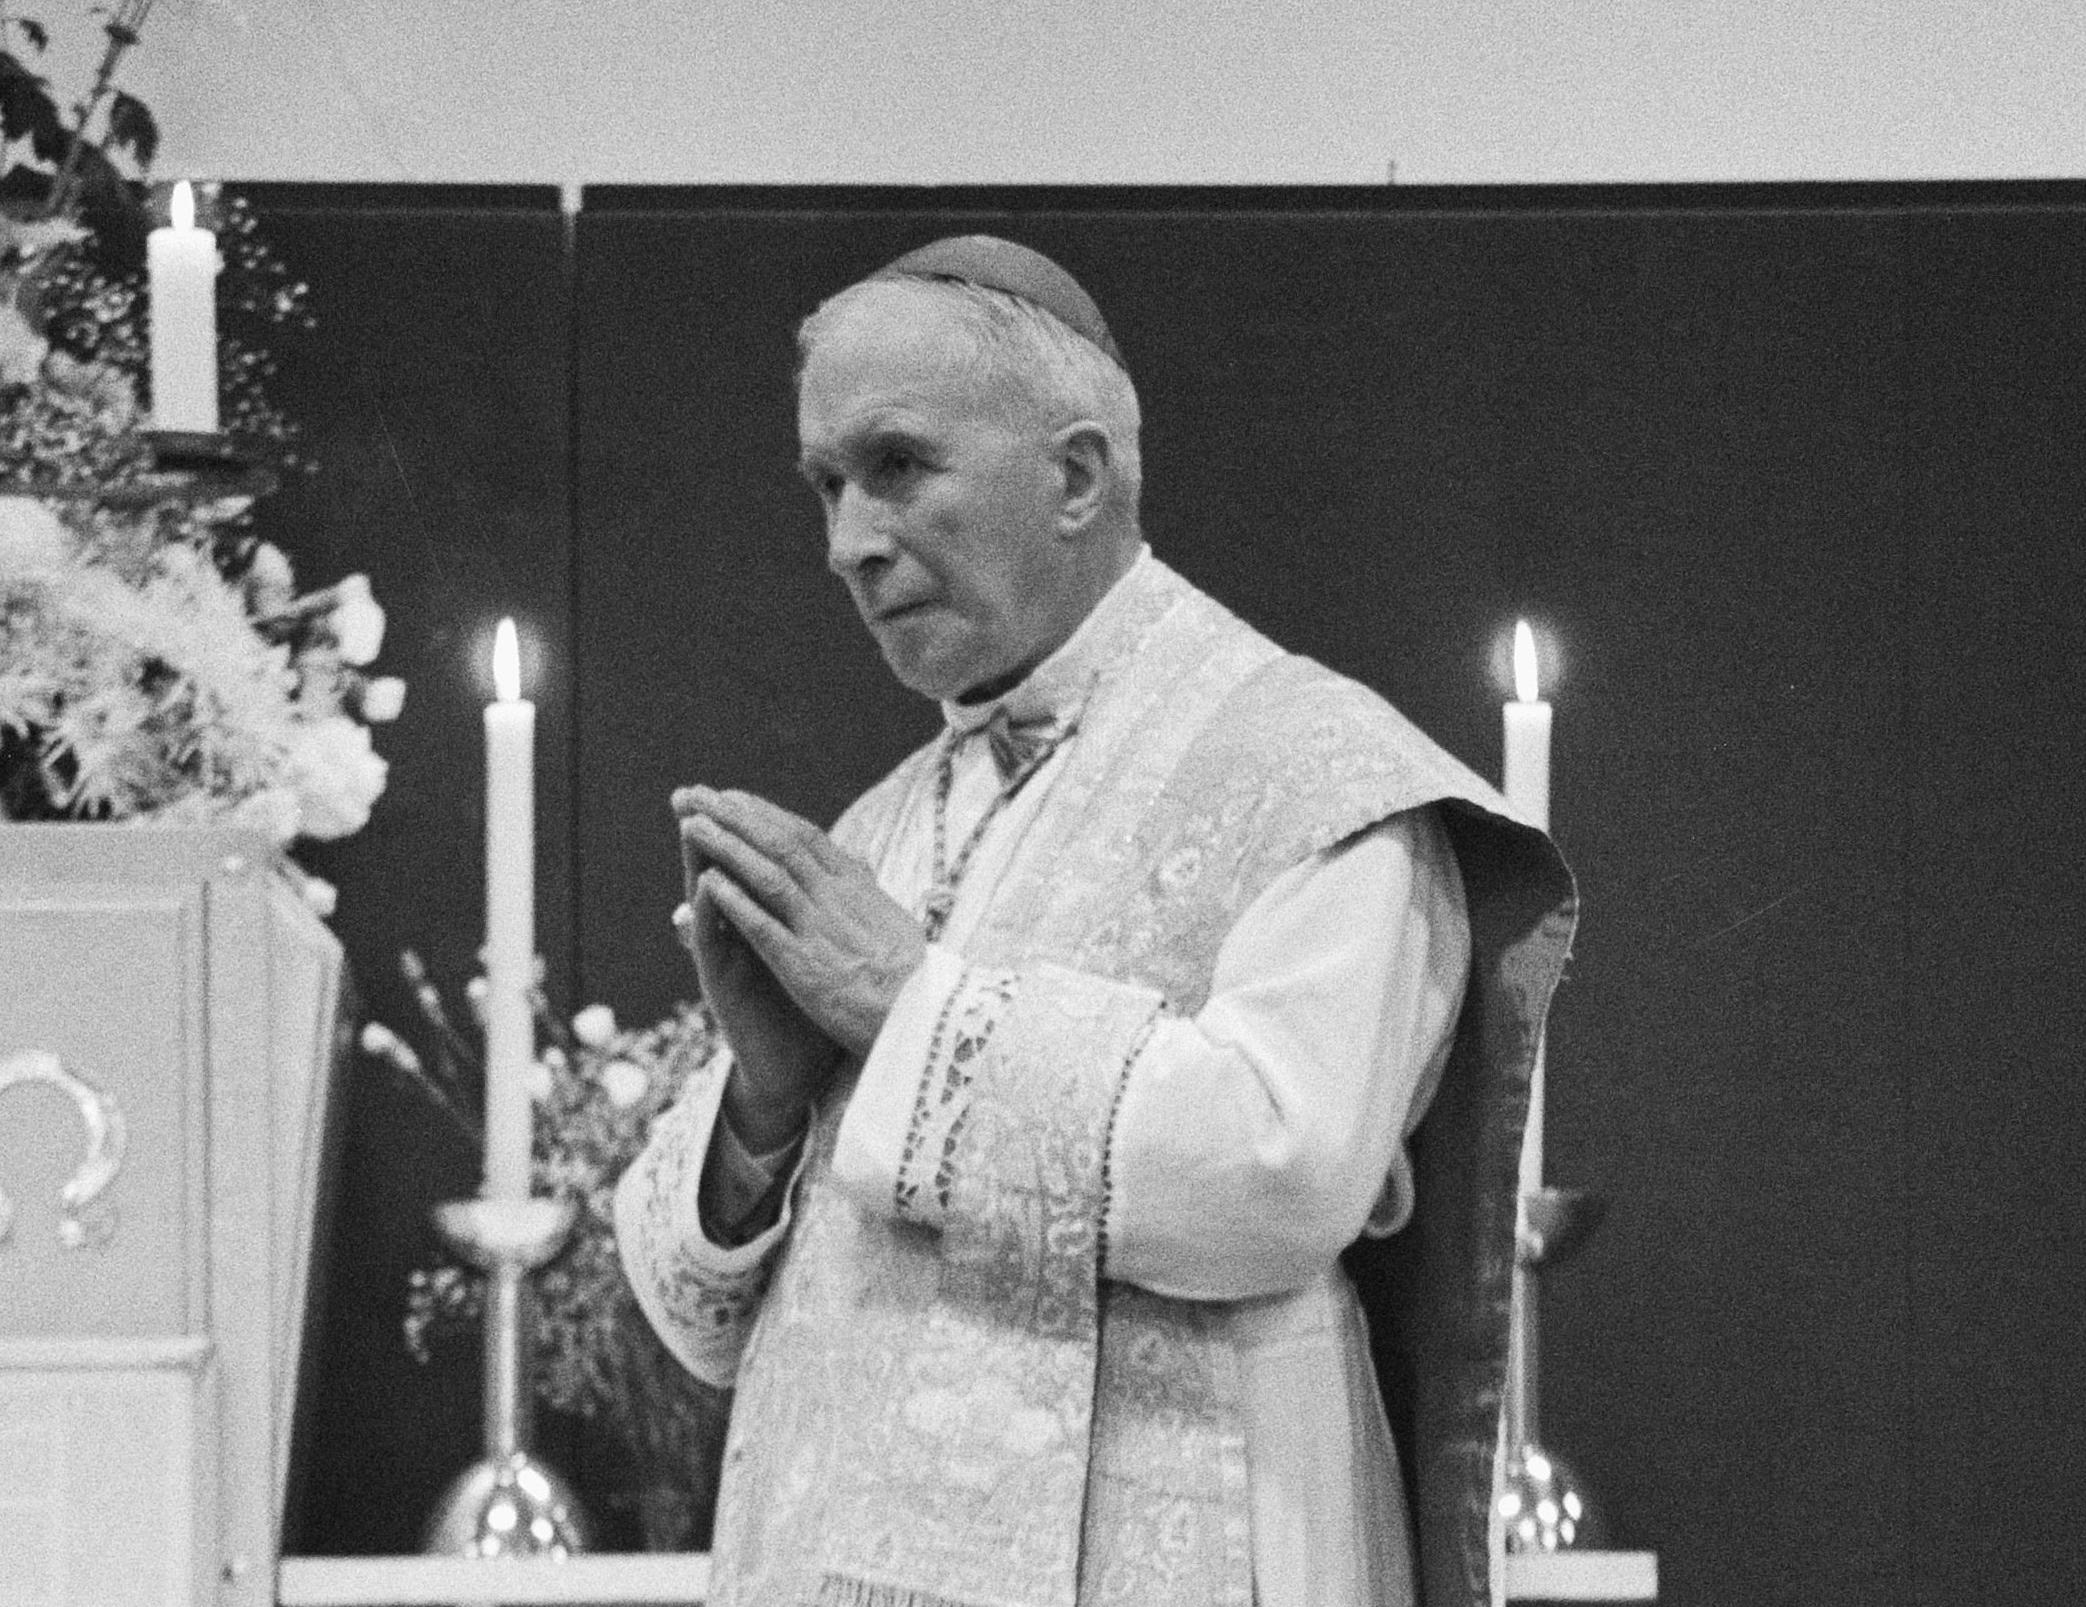 Bishop Marcel Lefebvre (1905 – 1991) celebrating Mass in the Netherlands